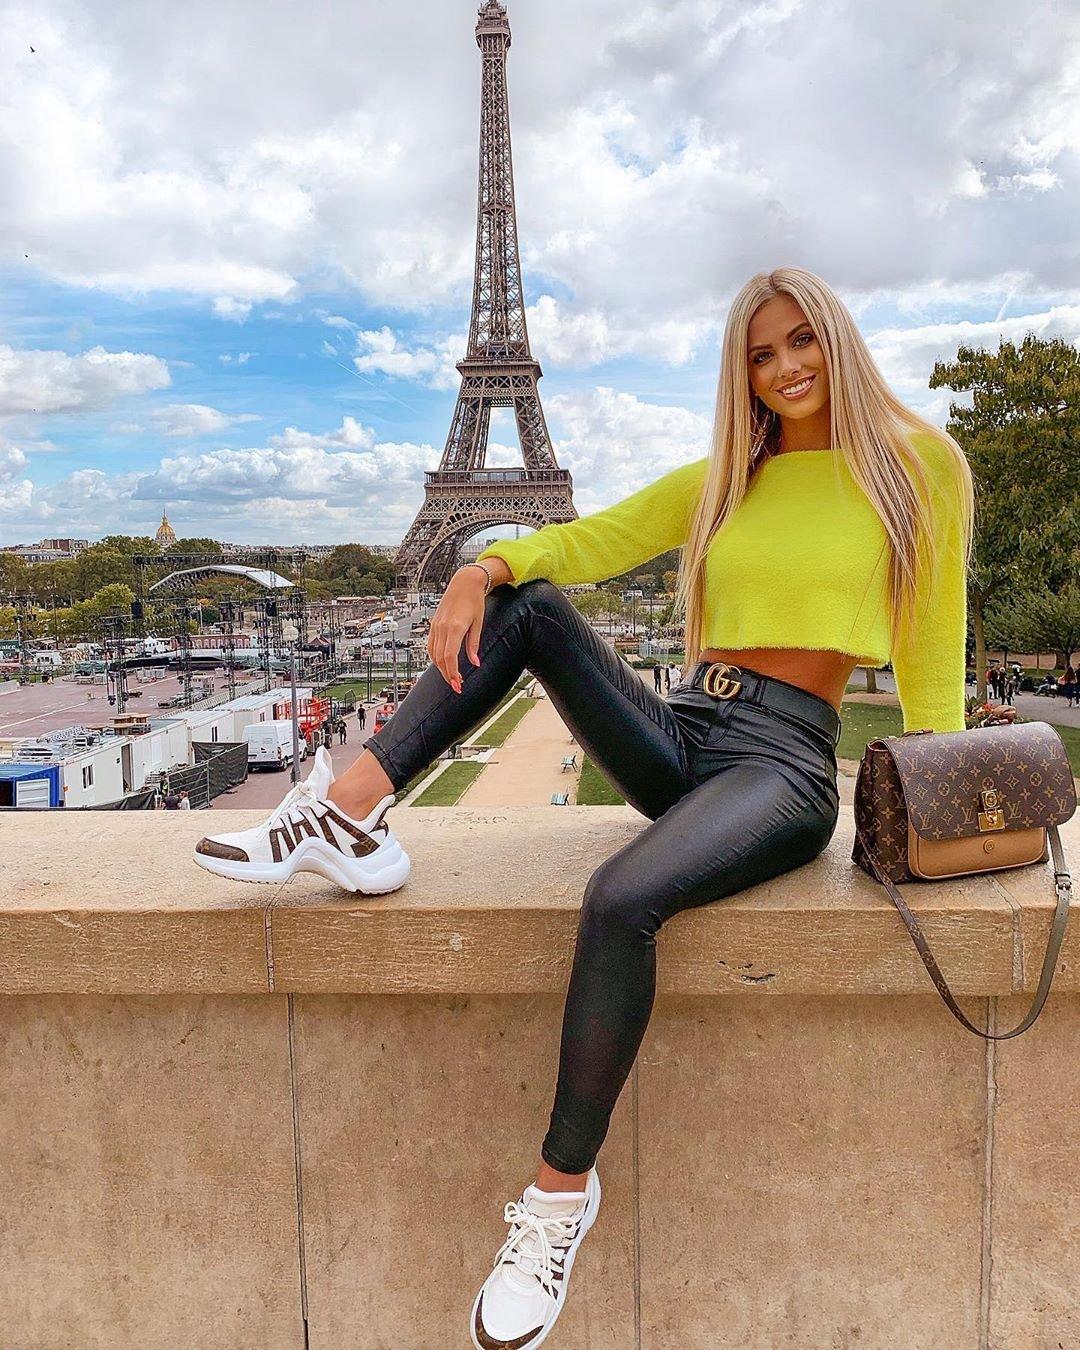 Анет Молчакова фото из Парижа